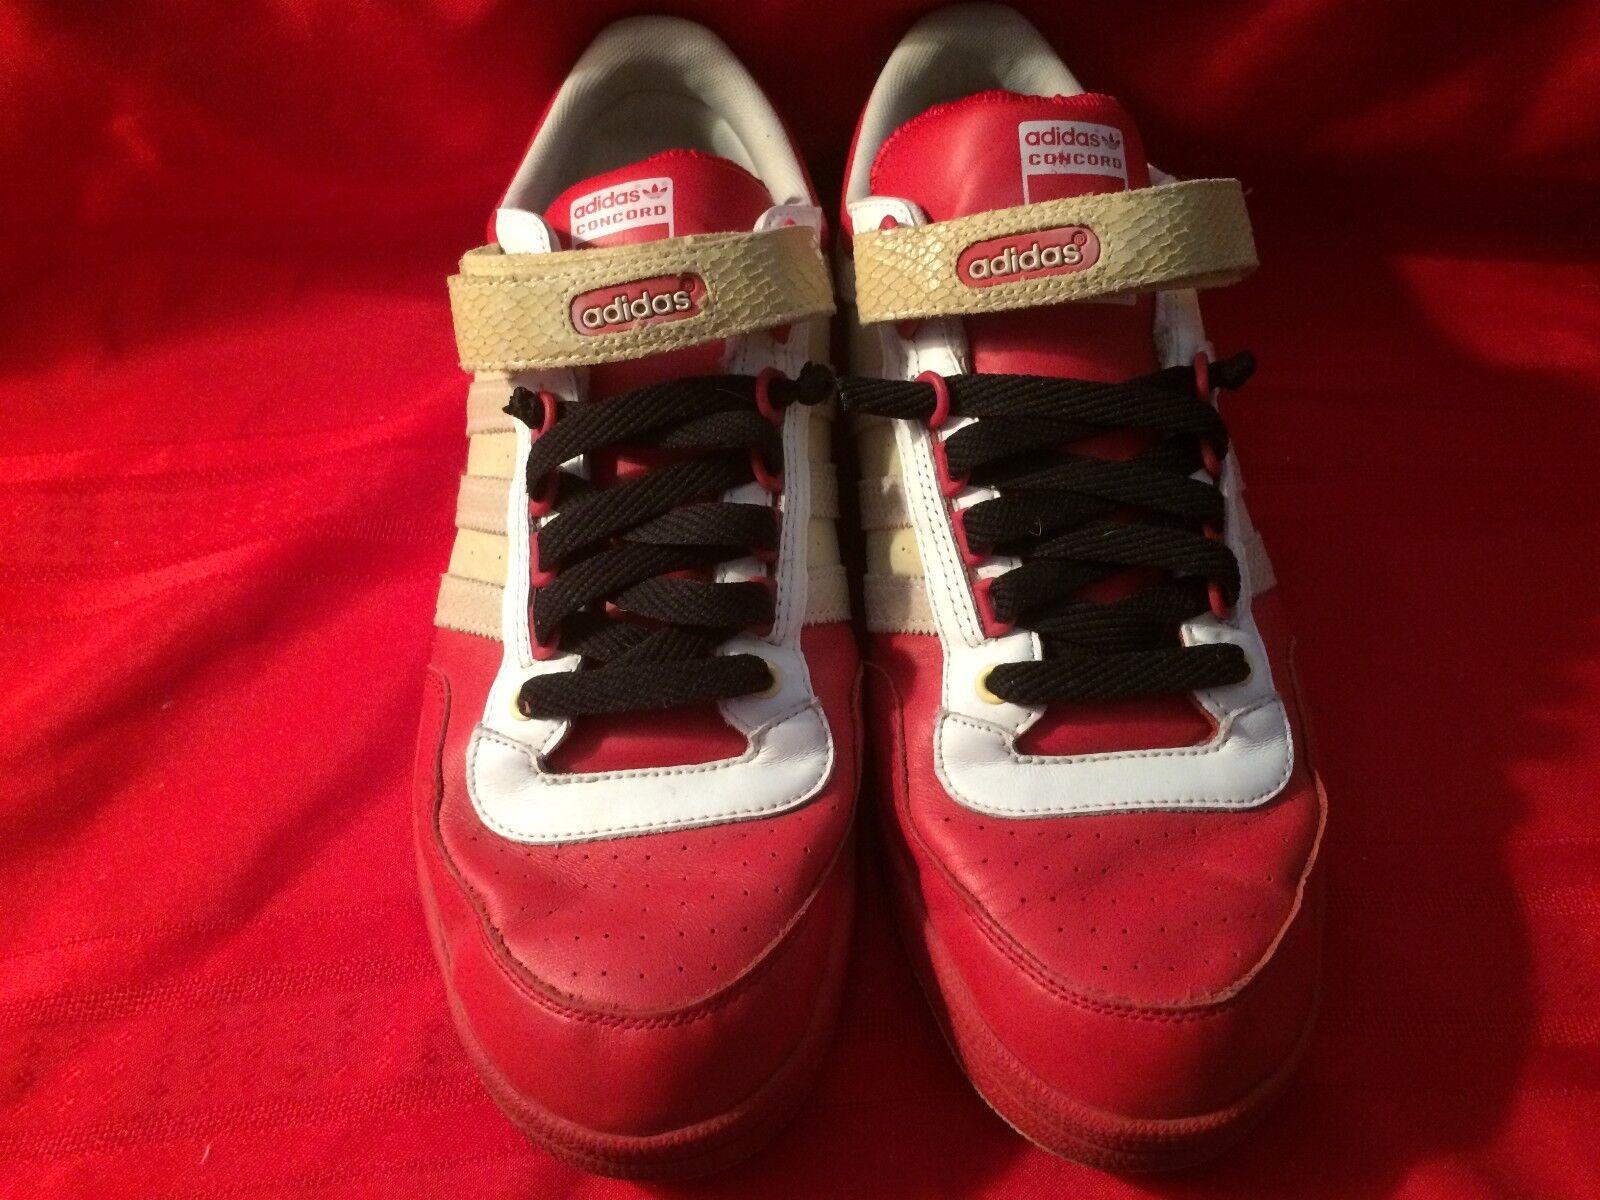 Dimensioni 14 rosse adidas 045871 concord cuoio 681001 arte 045871 adidas (raro) e60227